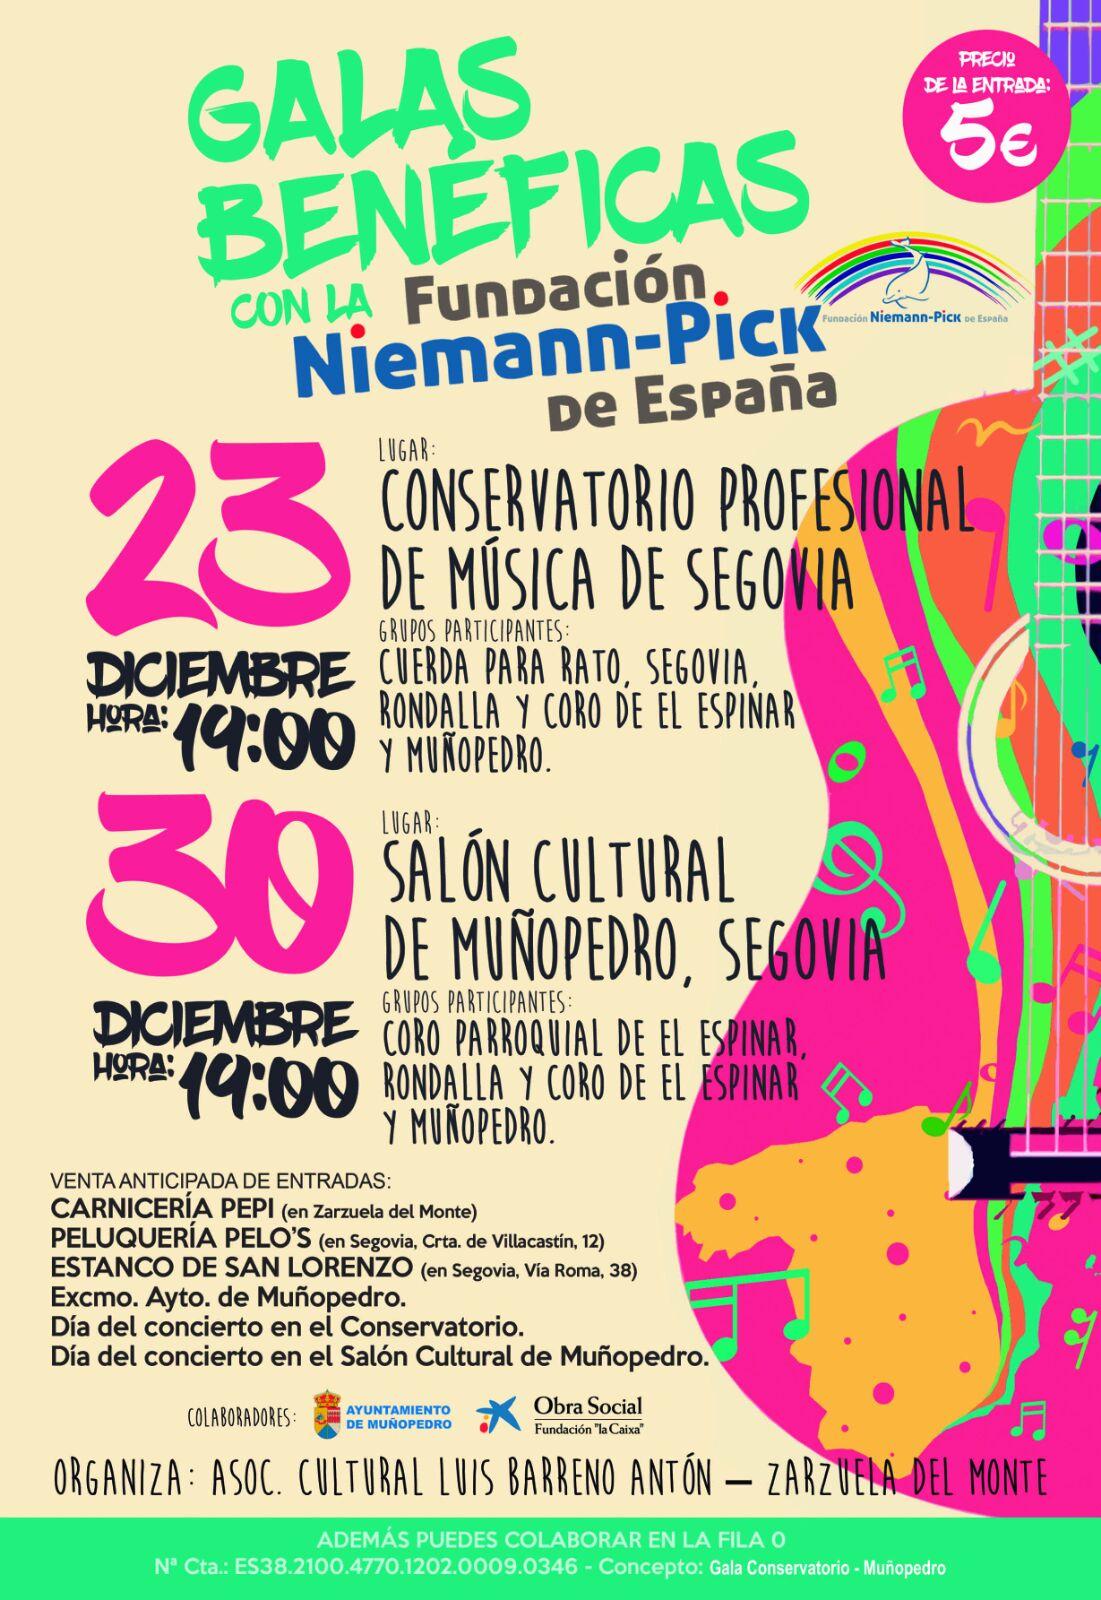 Galas benéficas Niemann-Pick